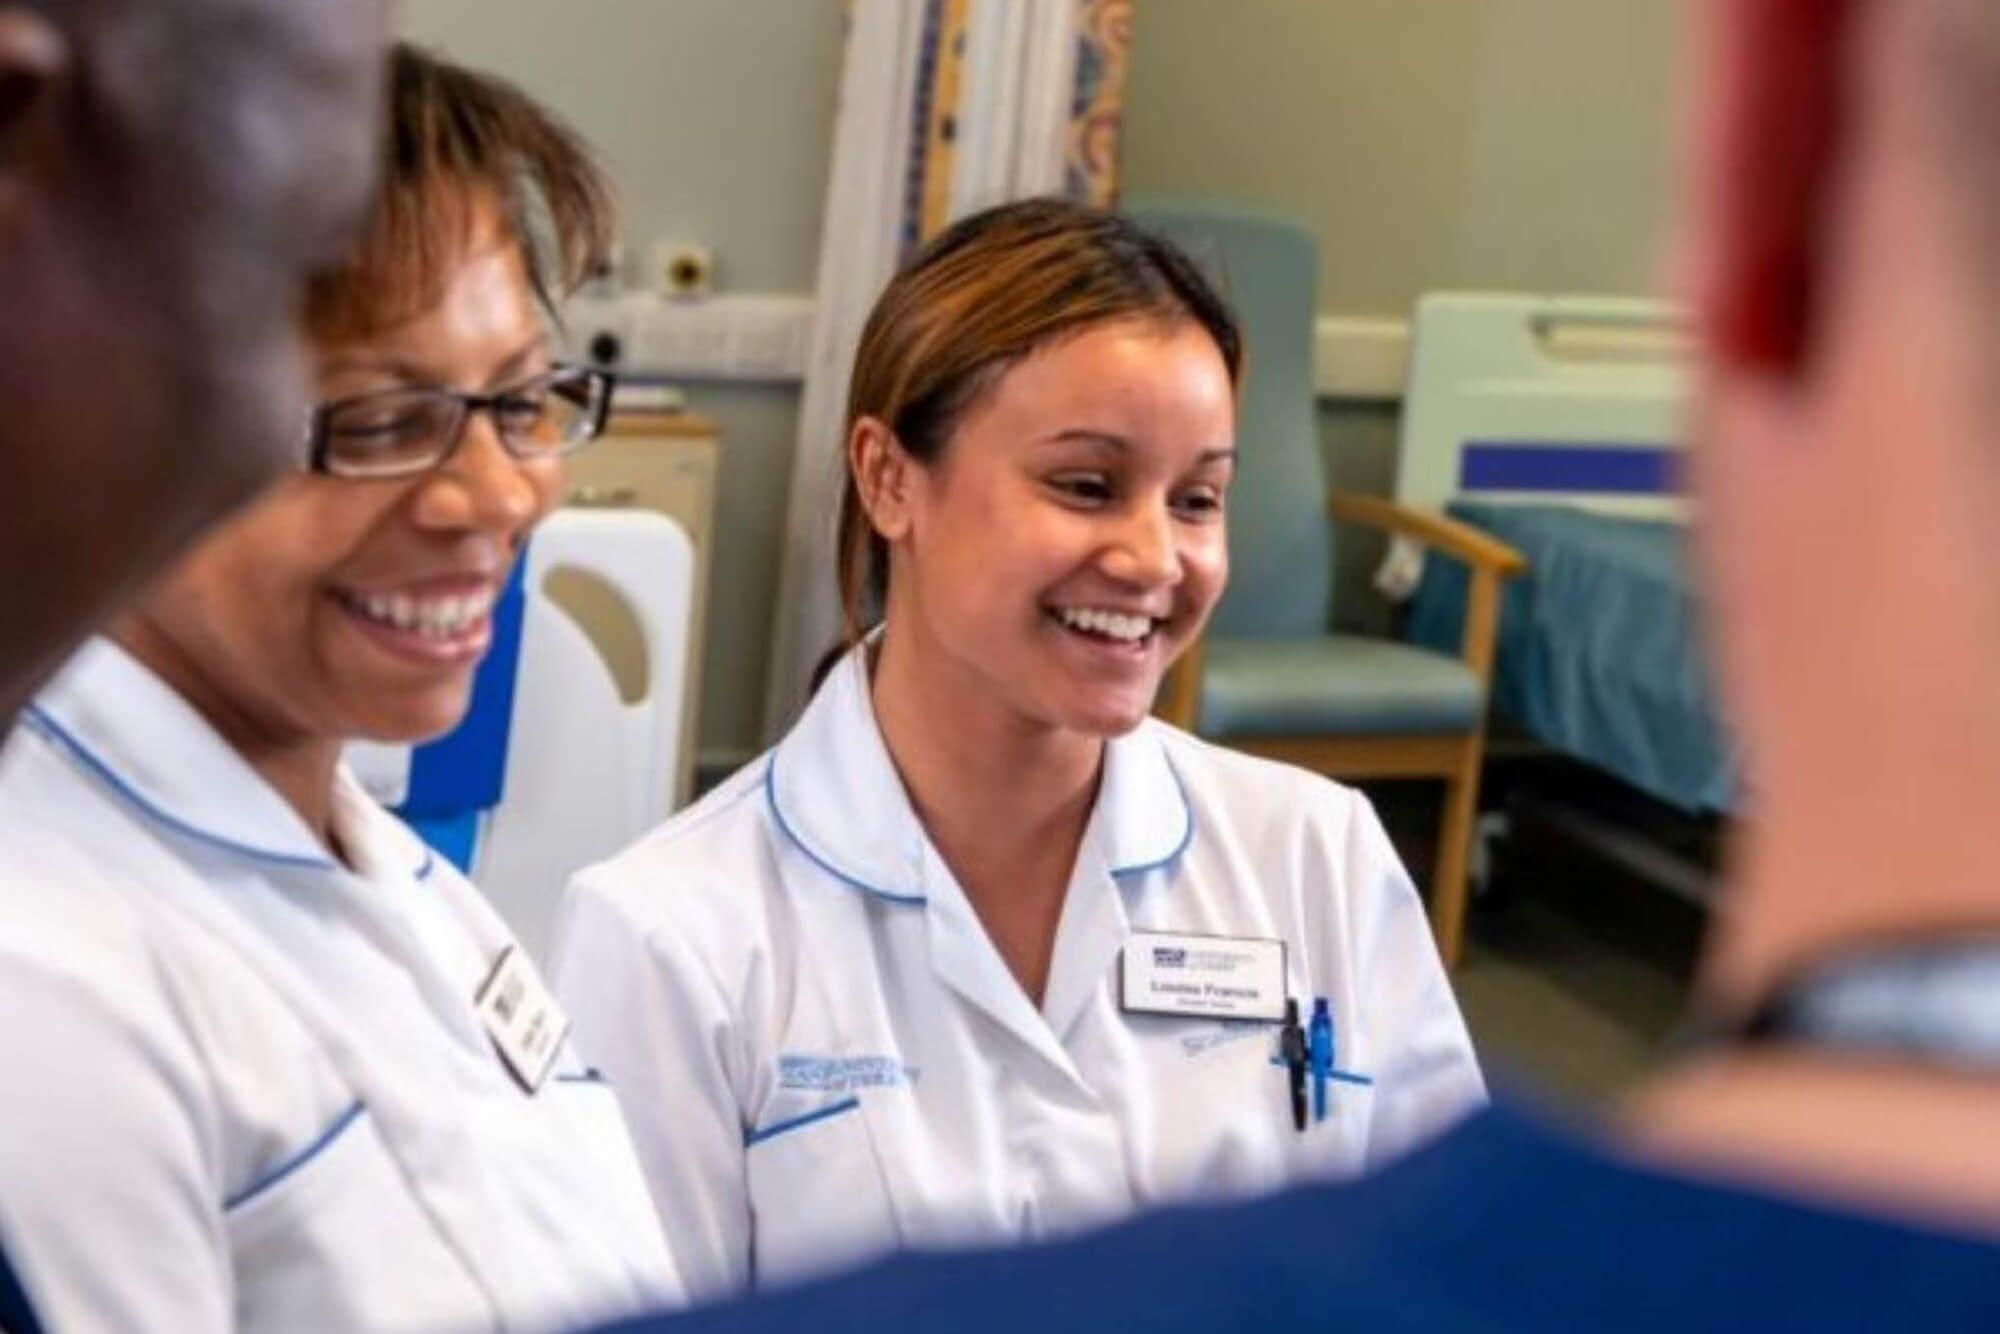 Group of nursing students stood together smiling